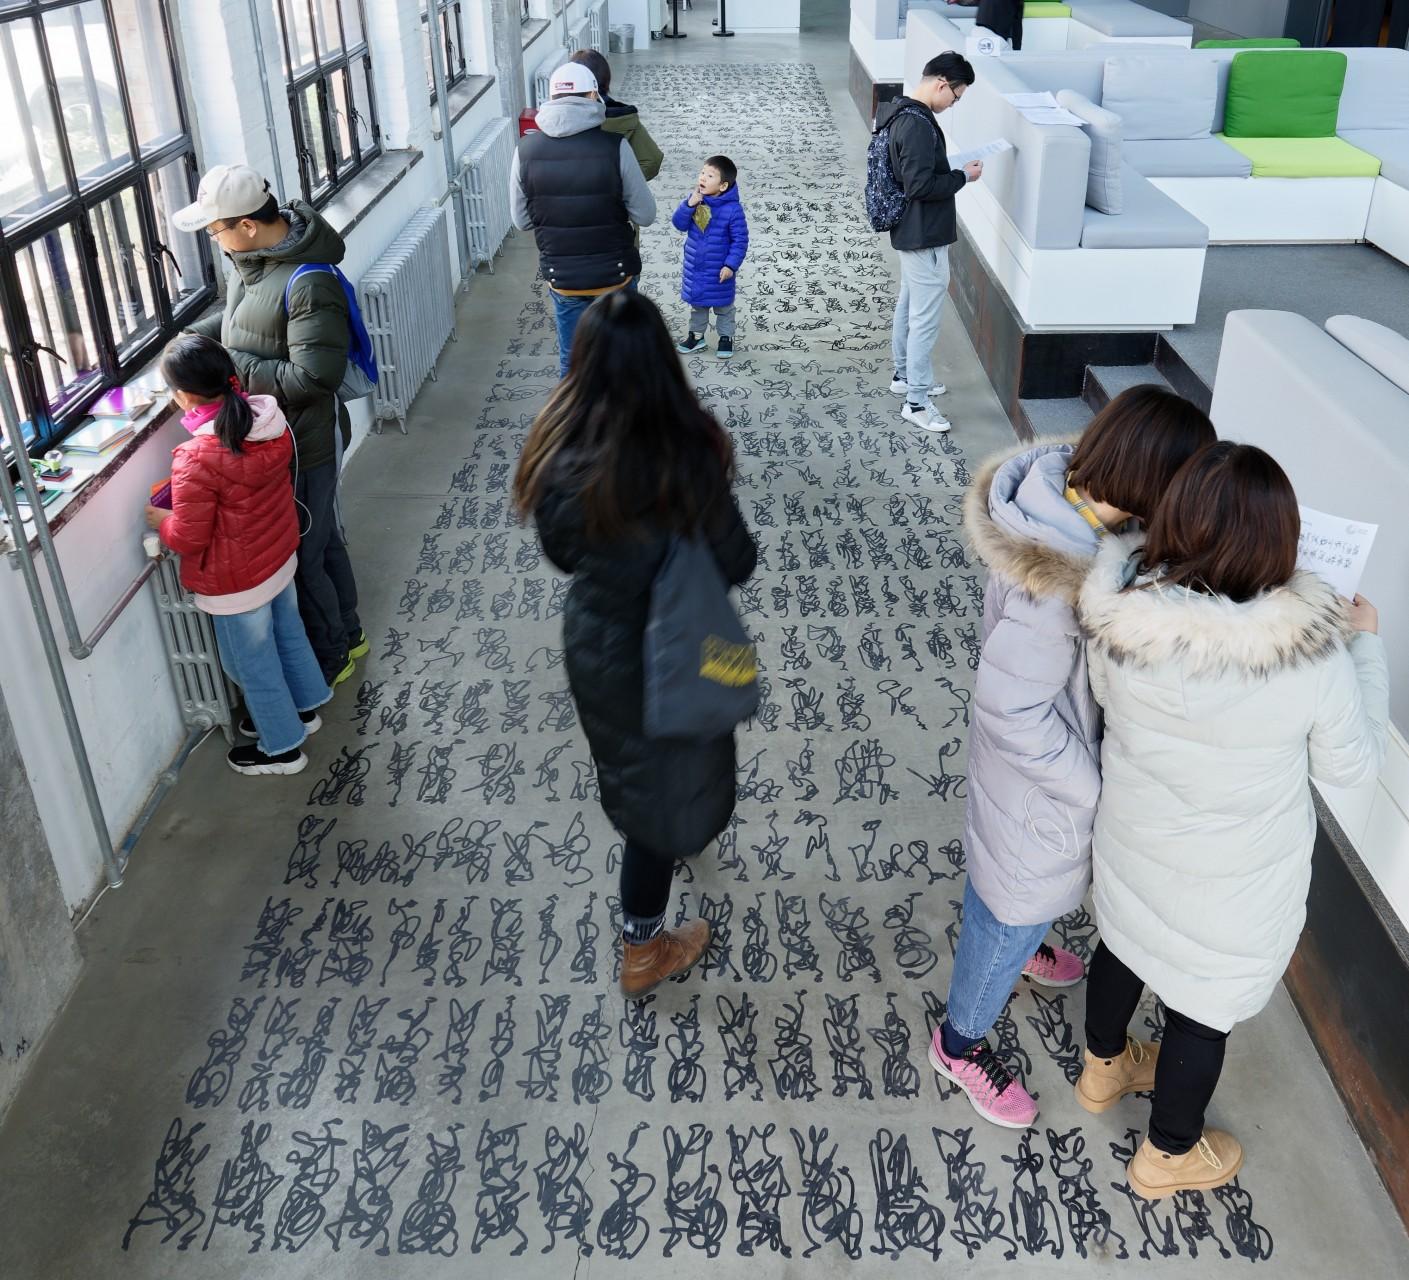 Bodentext, elektronisches Schreibtablett, Foliendruck auf Beton, 14 x 3 m , 2018